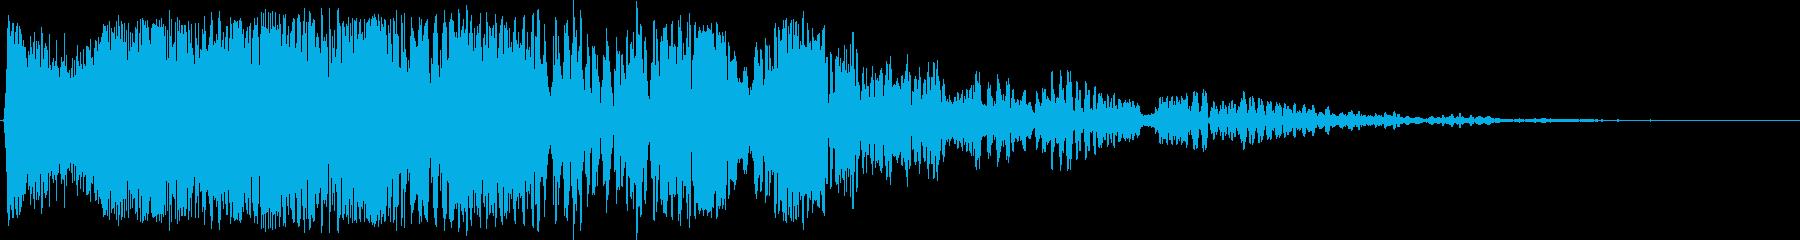 波打つトレイルを持つ奇妙な電子レー...の再生済みの波形